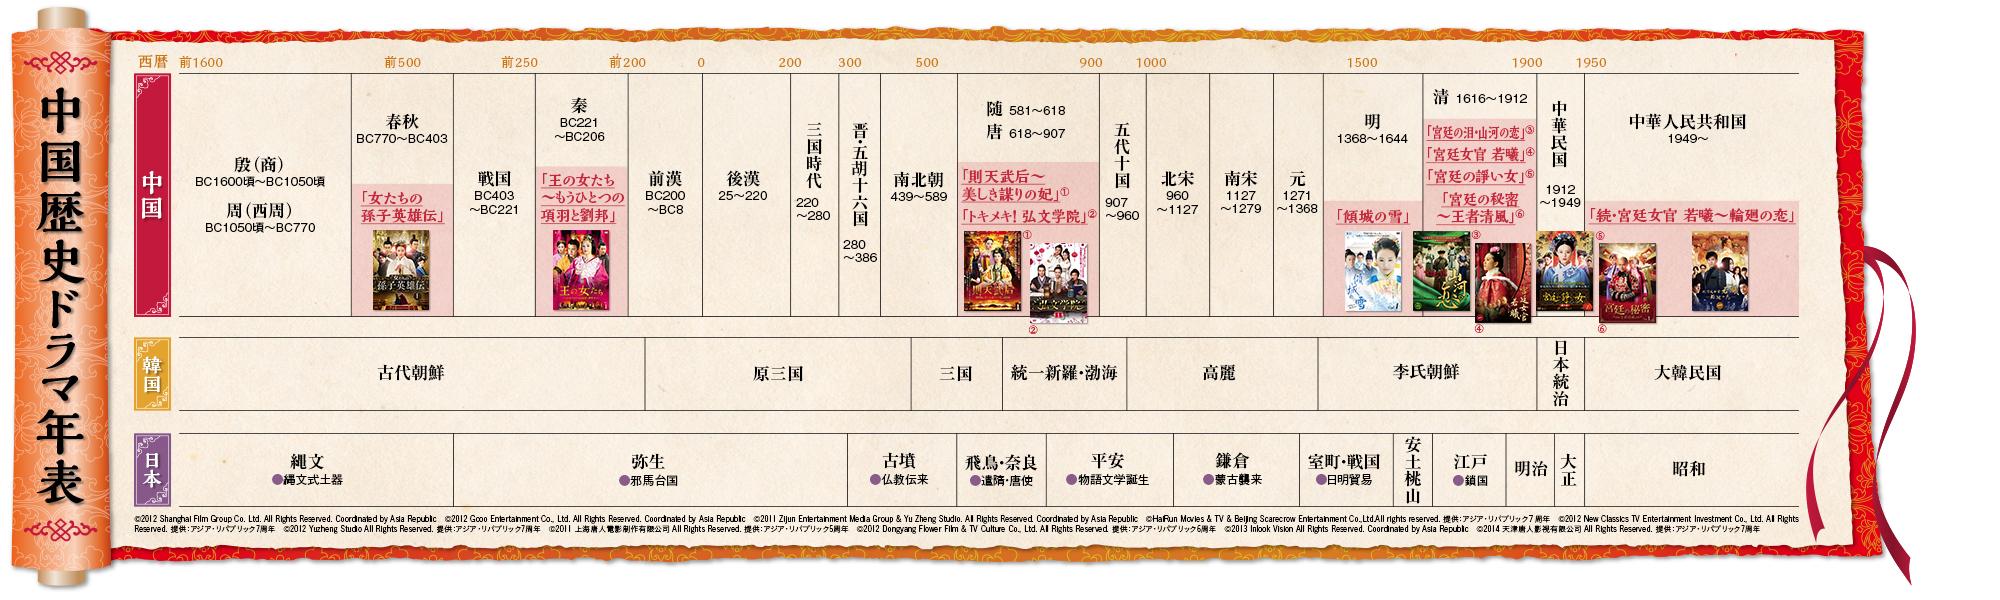 年 中国 表 歴史